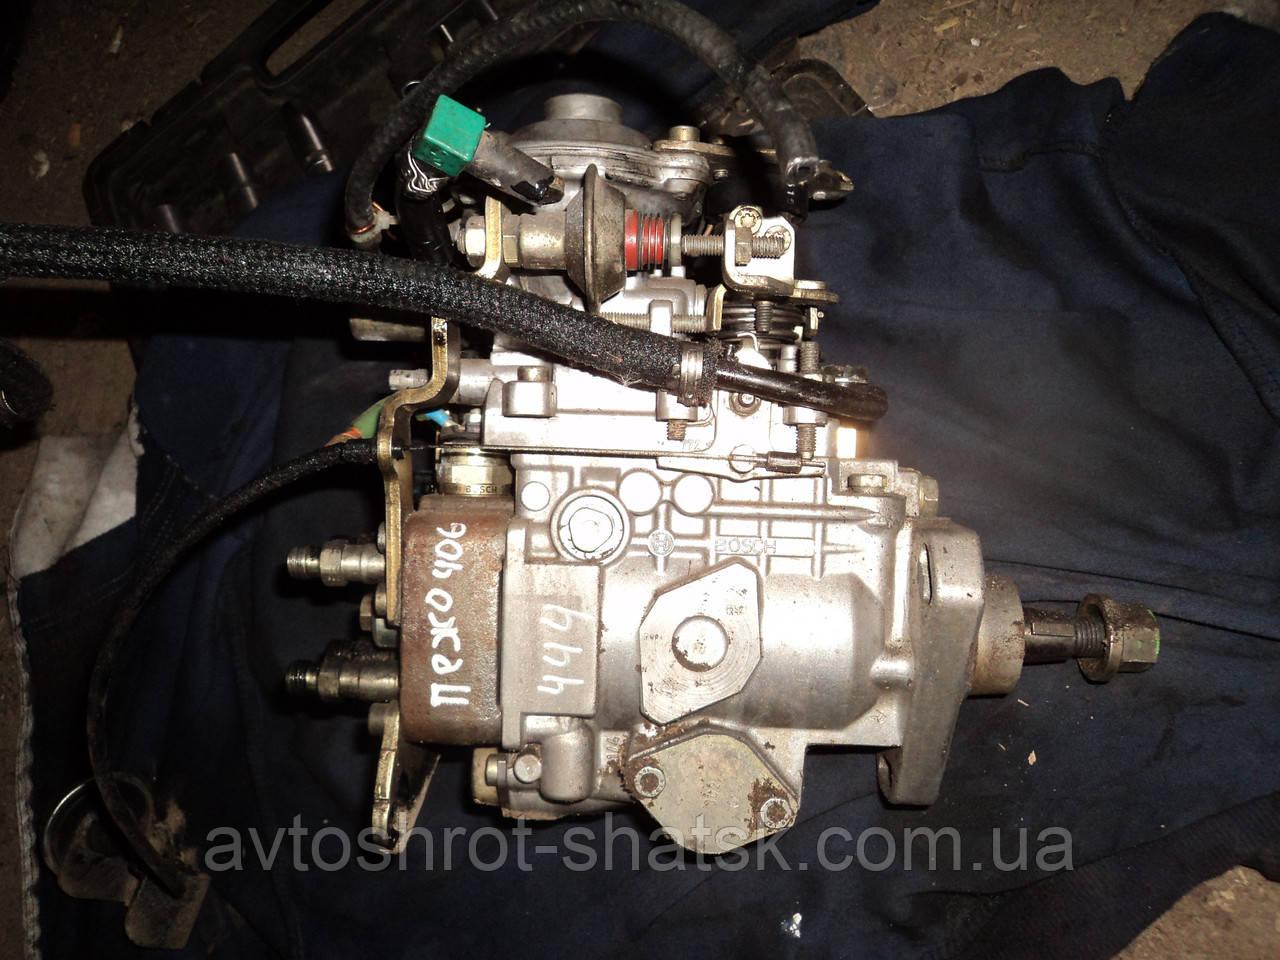 Топлевный насос високого тиску пежо 406